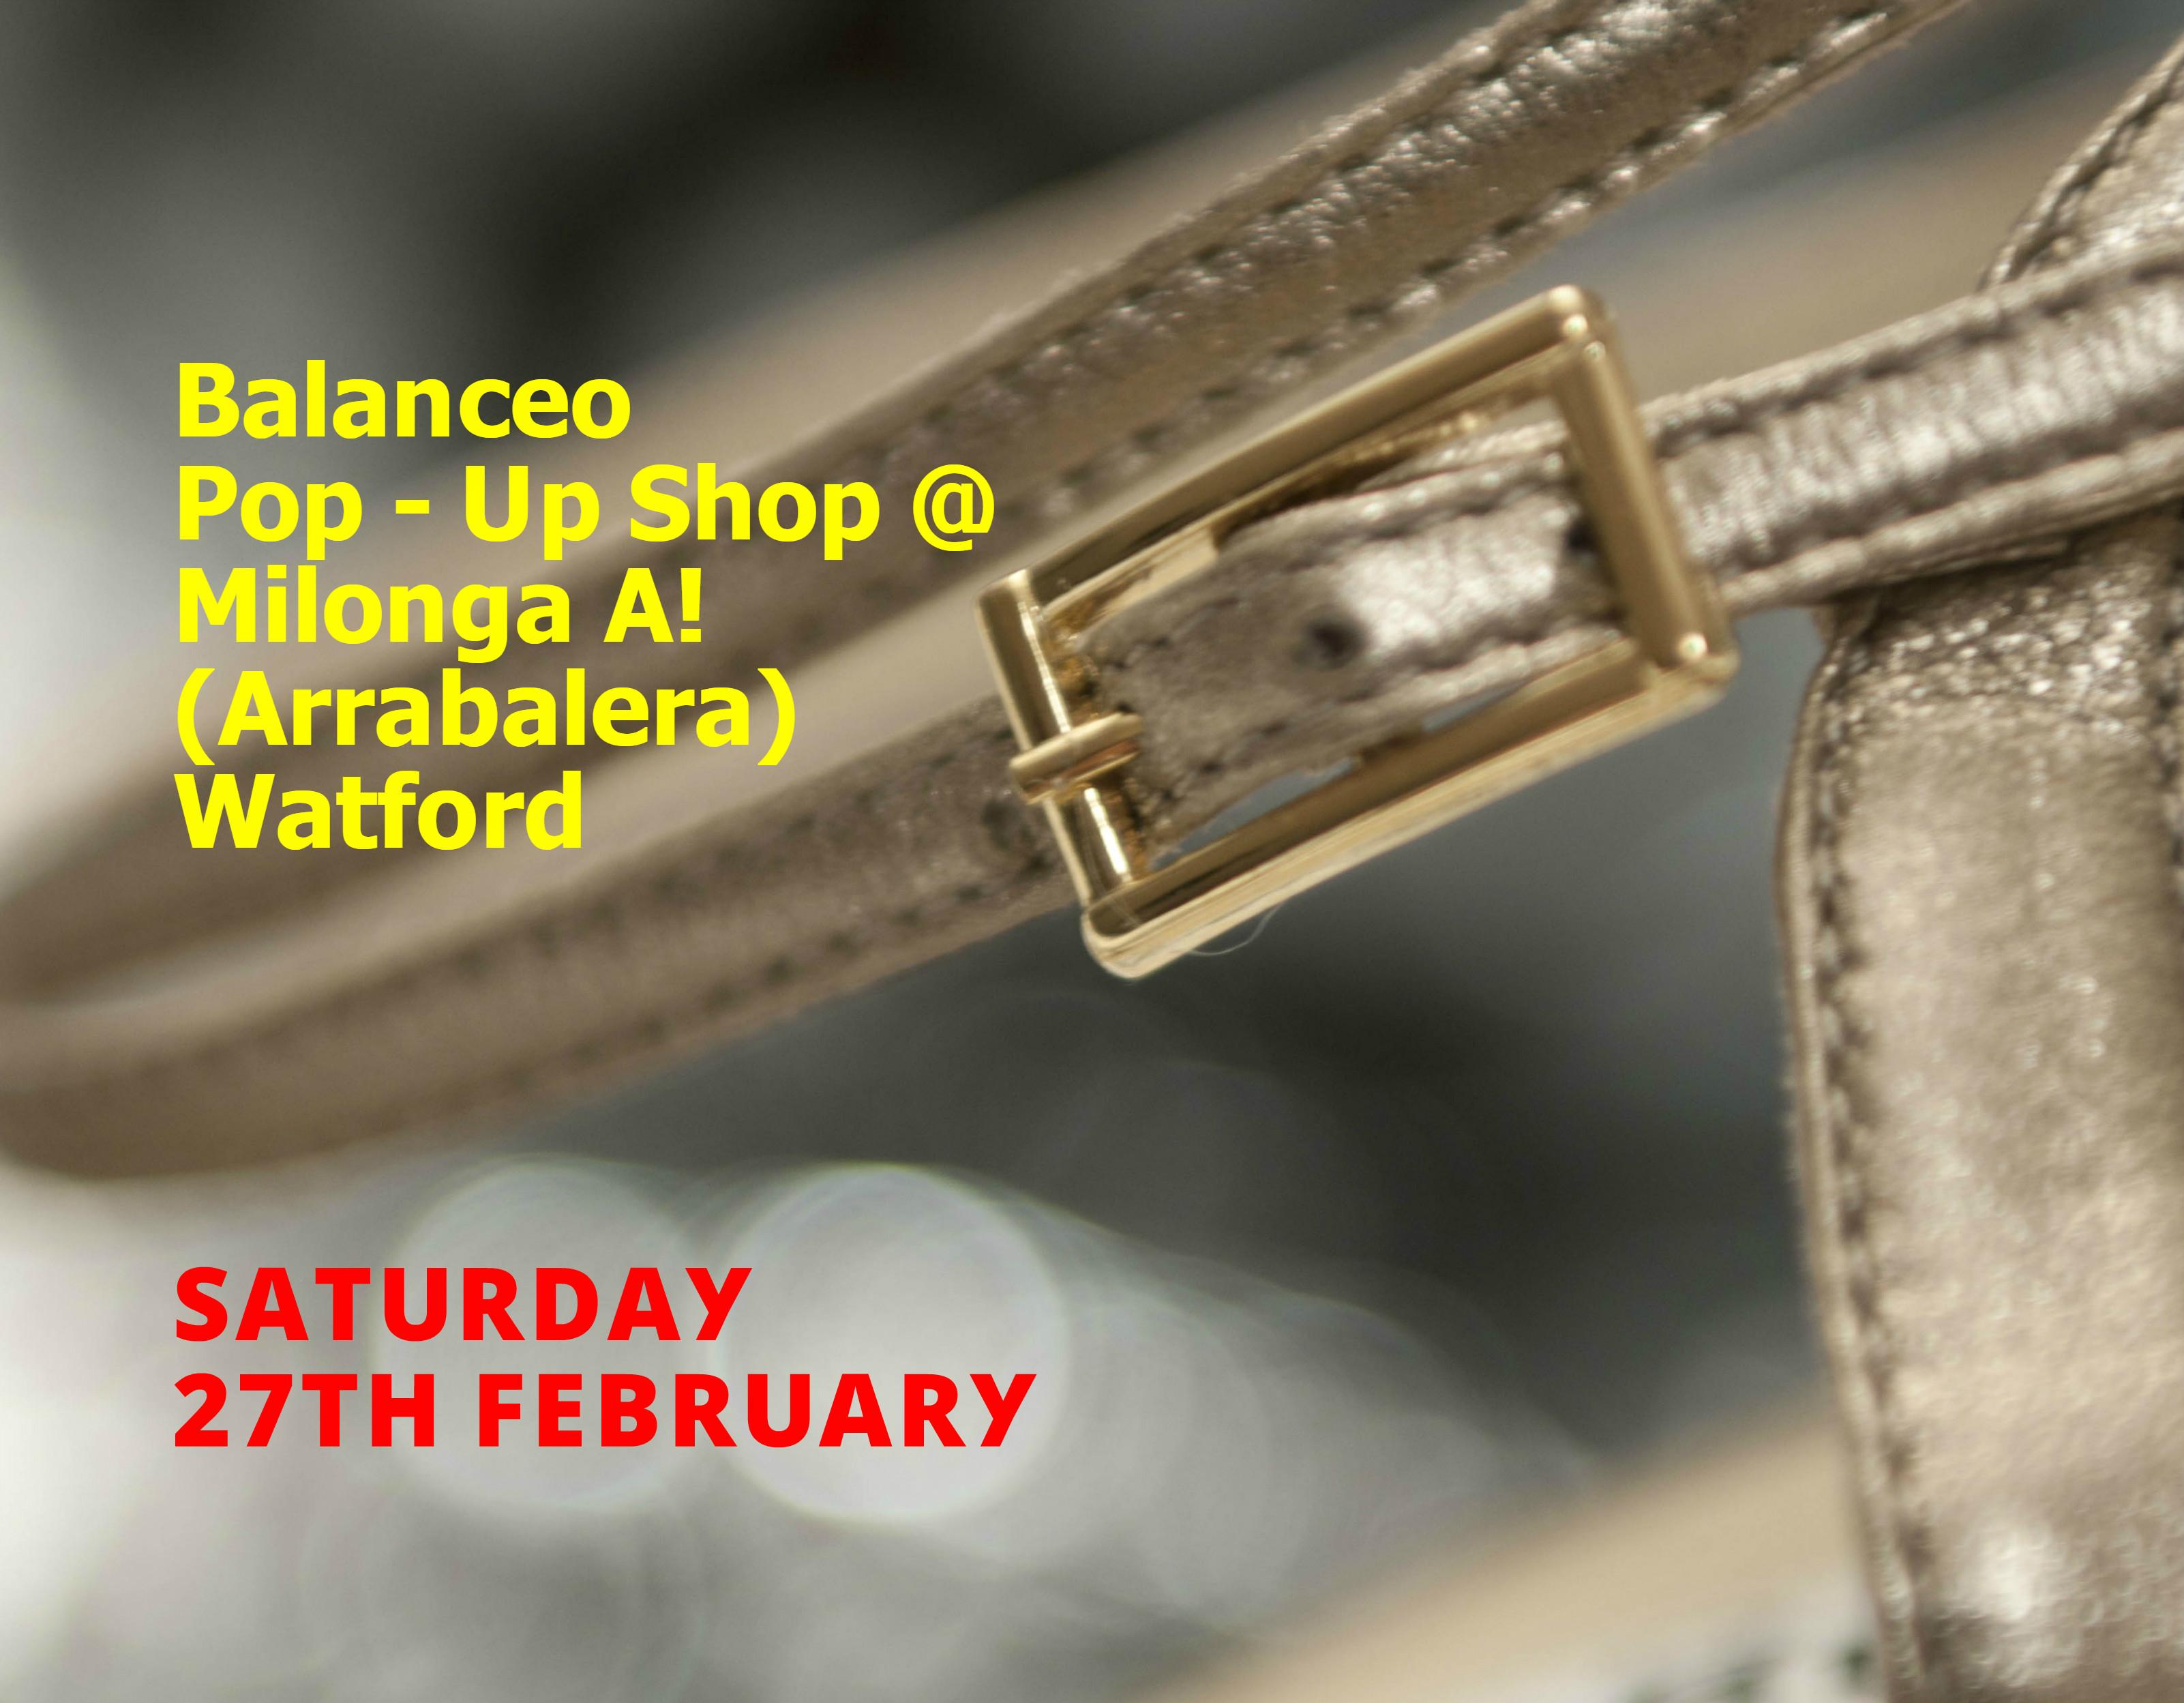 Balanceo @ Milonga A, Watford